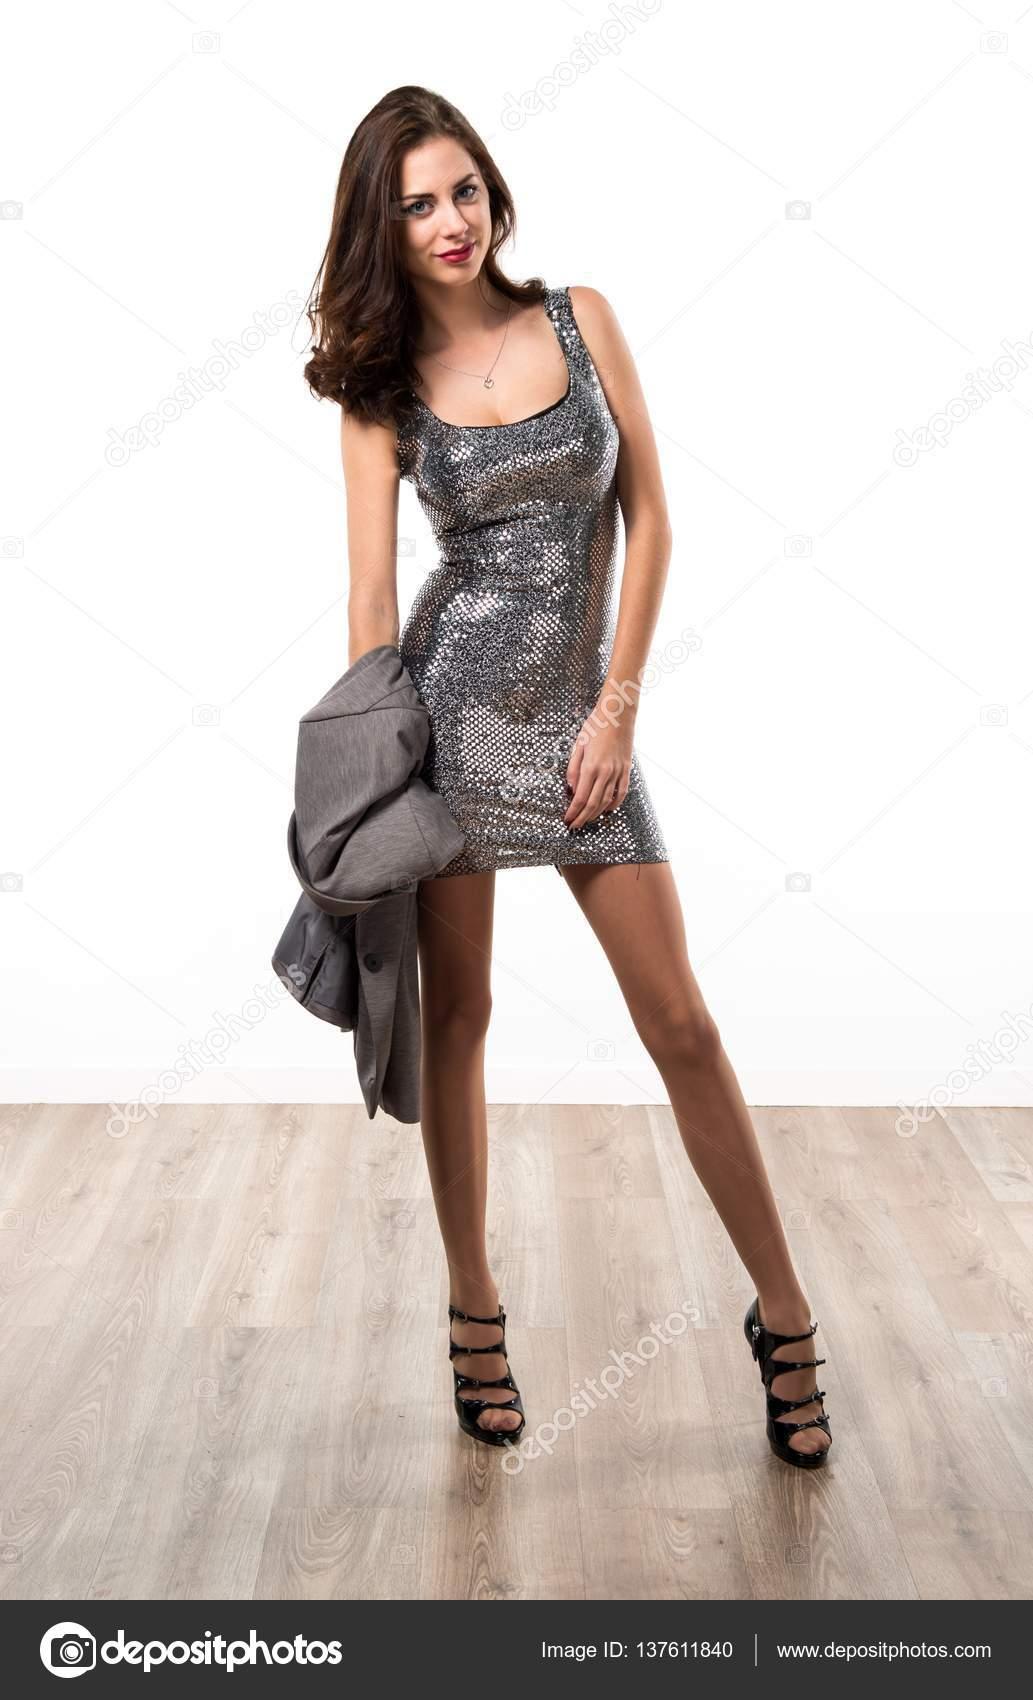 schöne Frau in einem Party-Kleid — Stockfoto © luismolinero #137611840